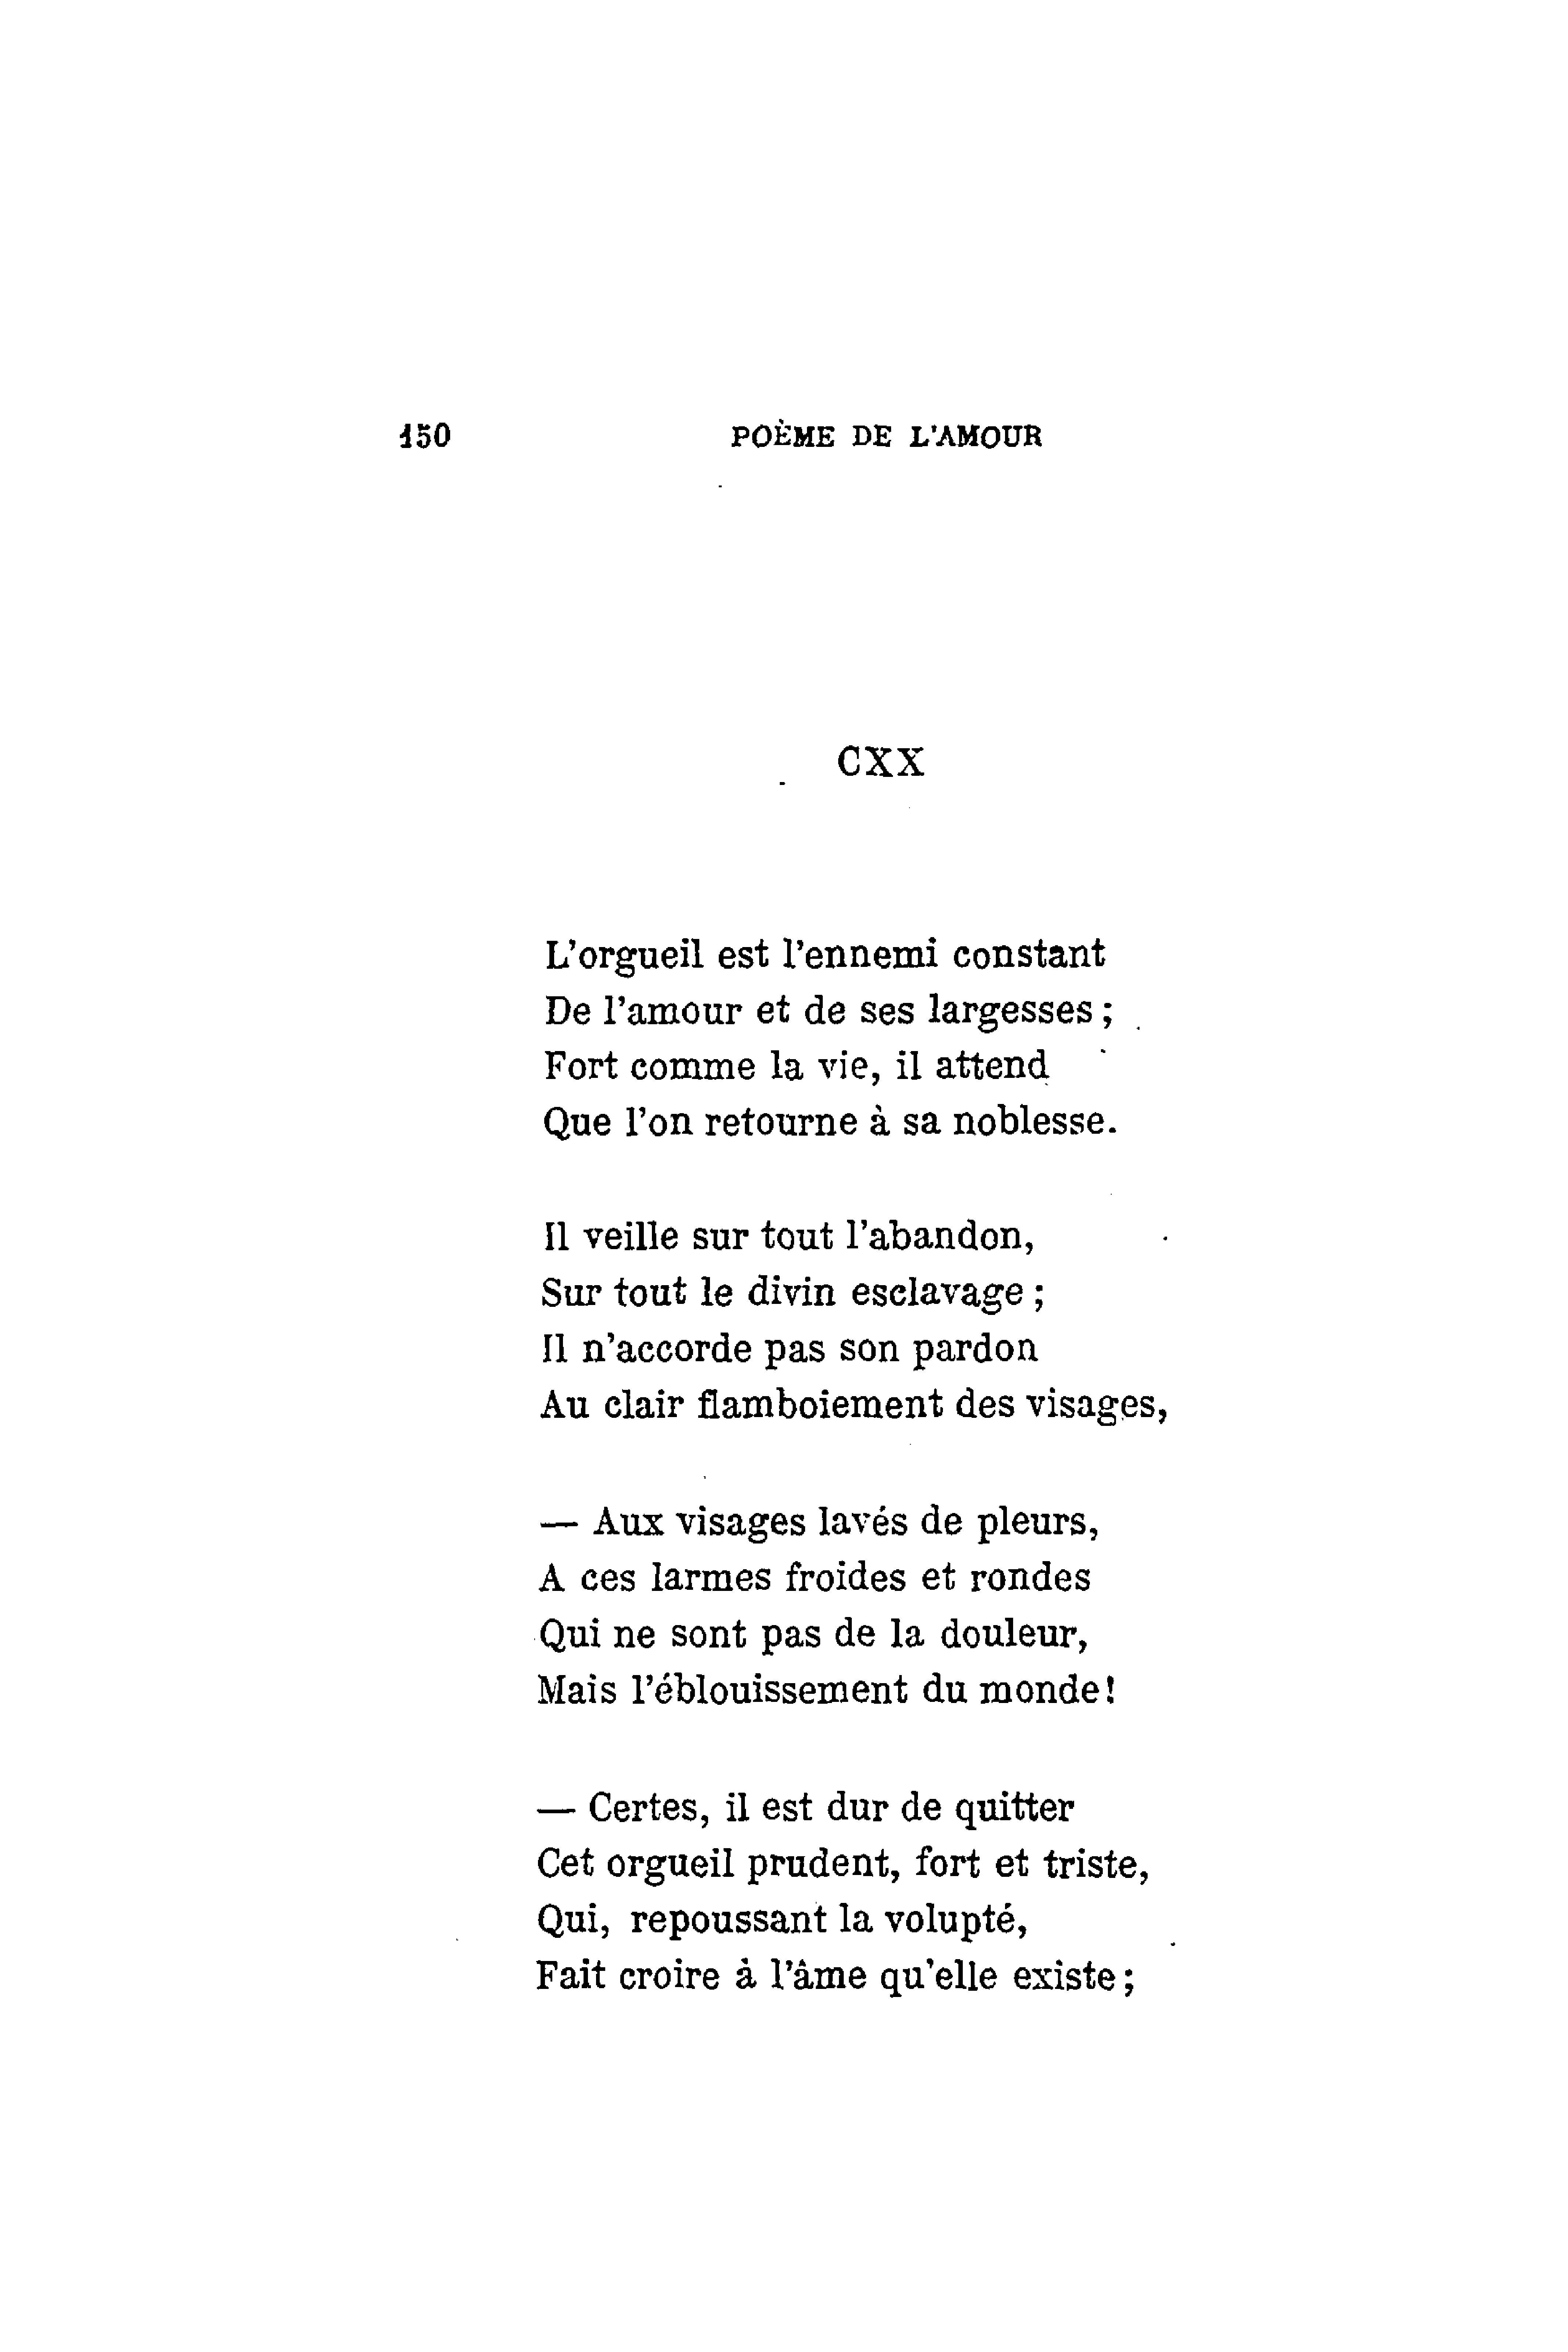 Pagenoailles Poème De Lamour 1924djvu148 Wikisource